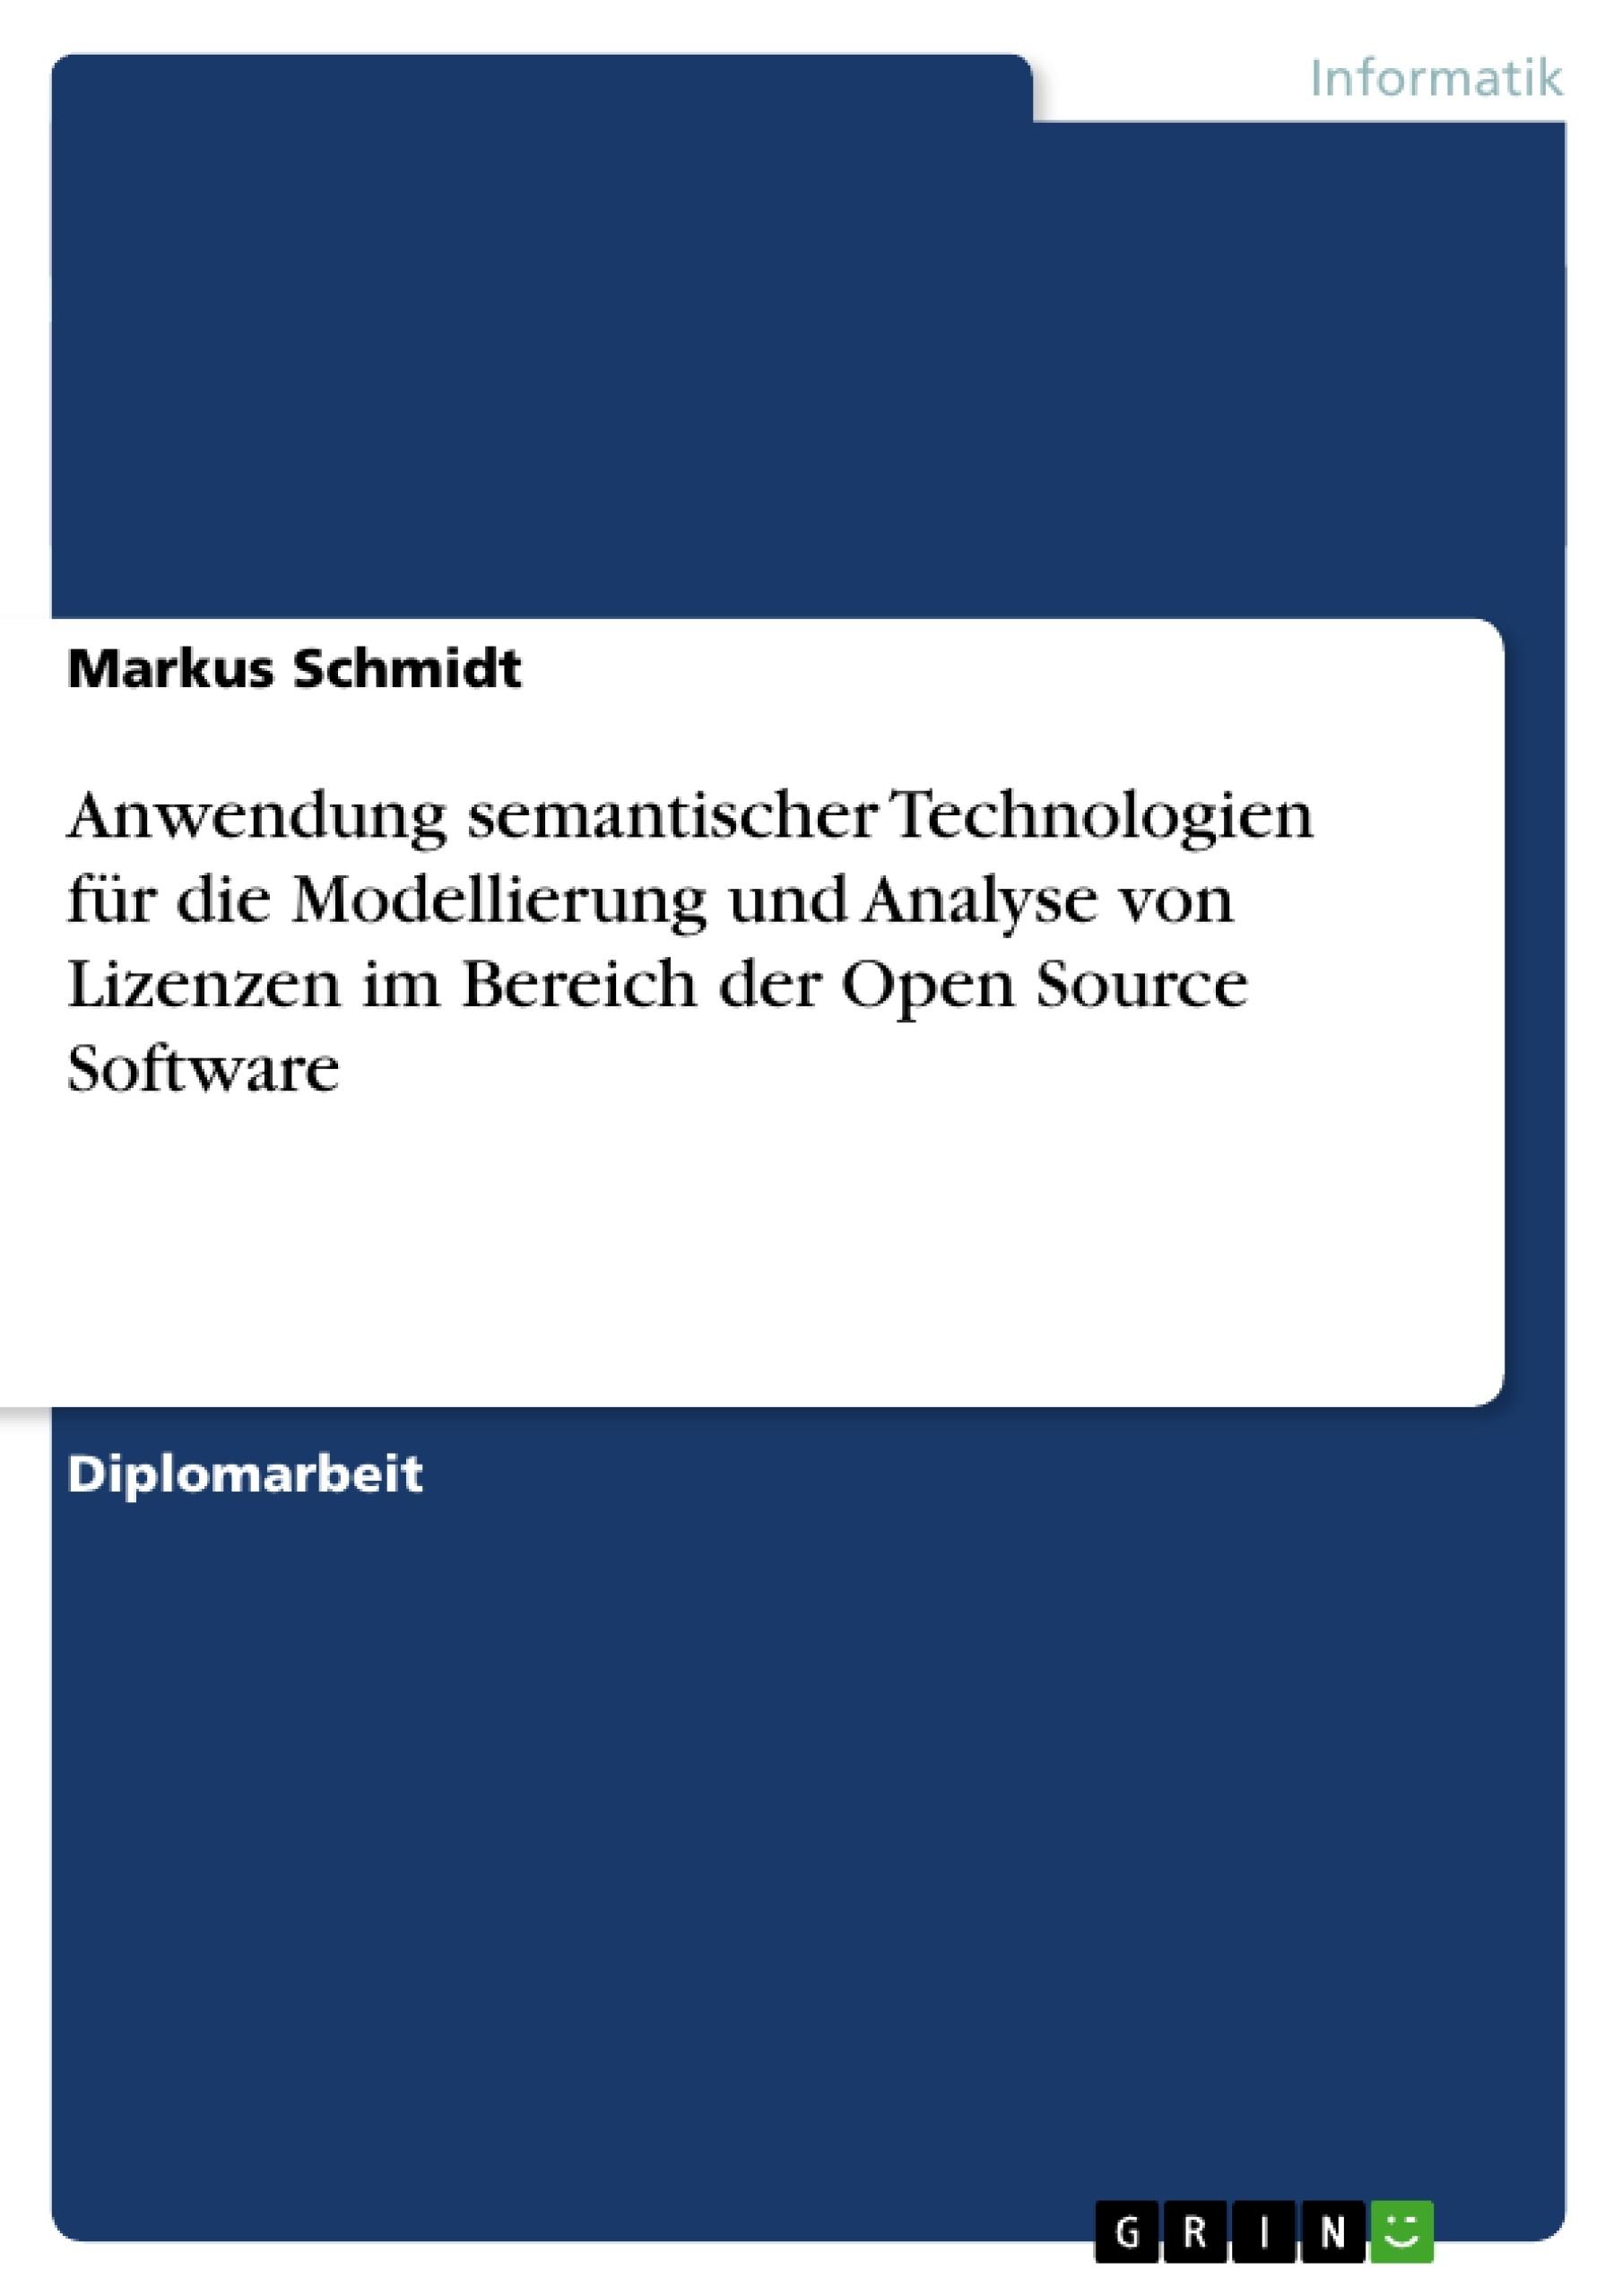 Titel: Anwendung semantischer Technologien für die Modellierung und Analyse von Lizenzen im Bereich der Open Source Software